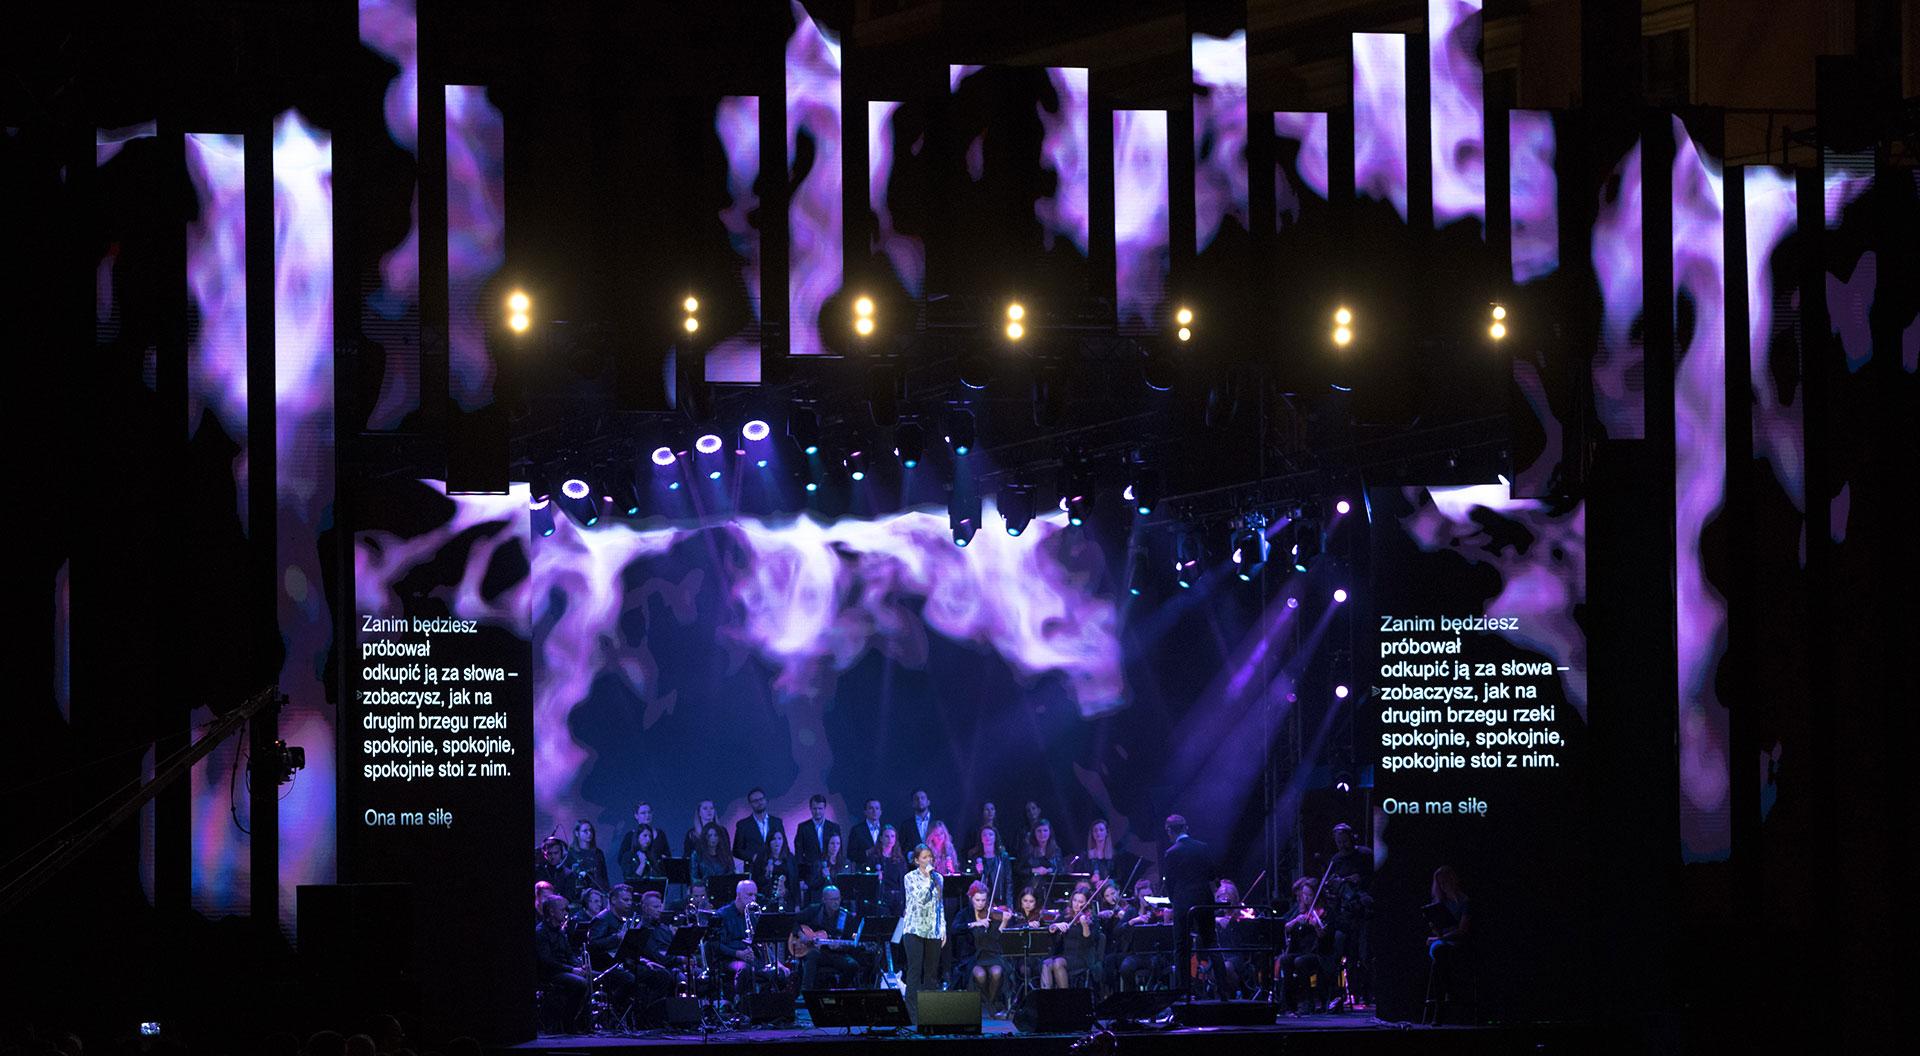 003-koncert-plac-zamkowy-noca